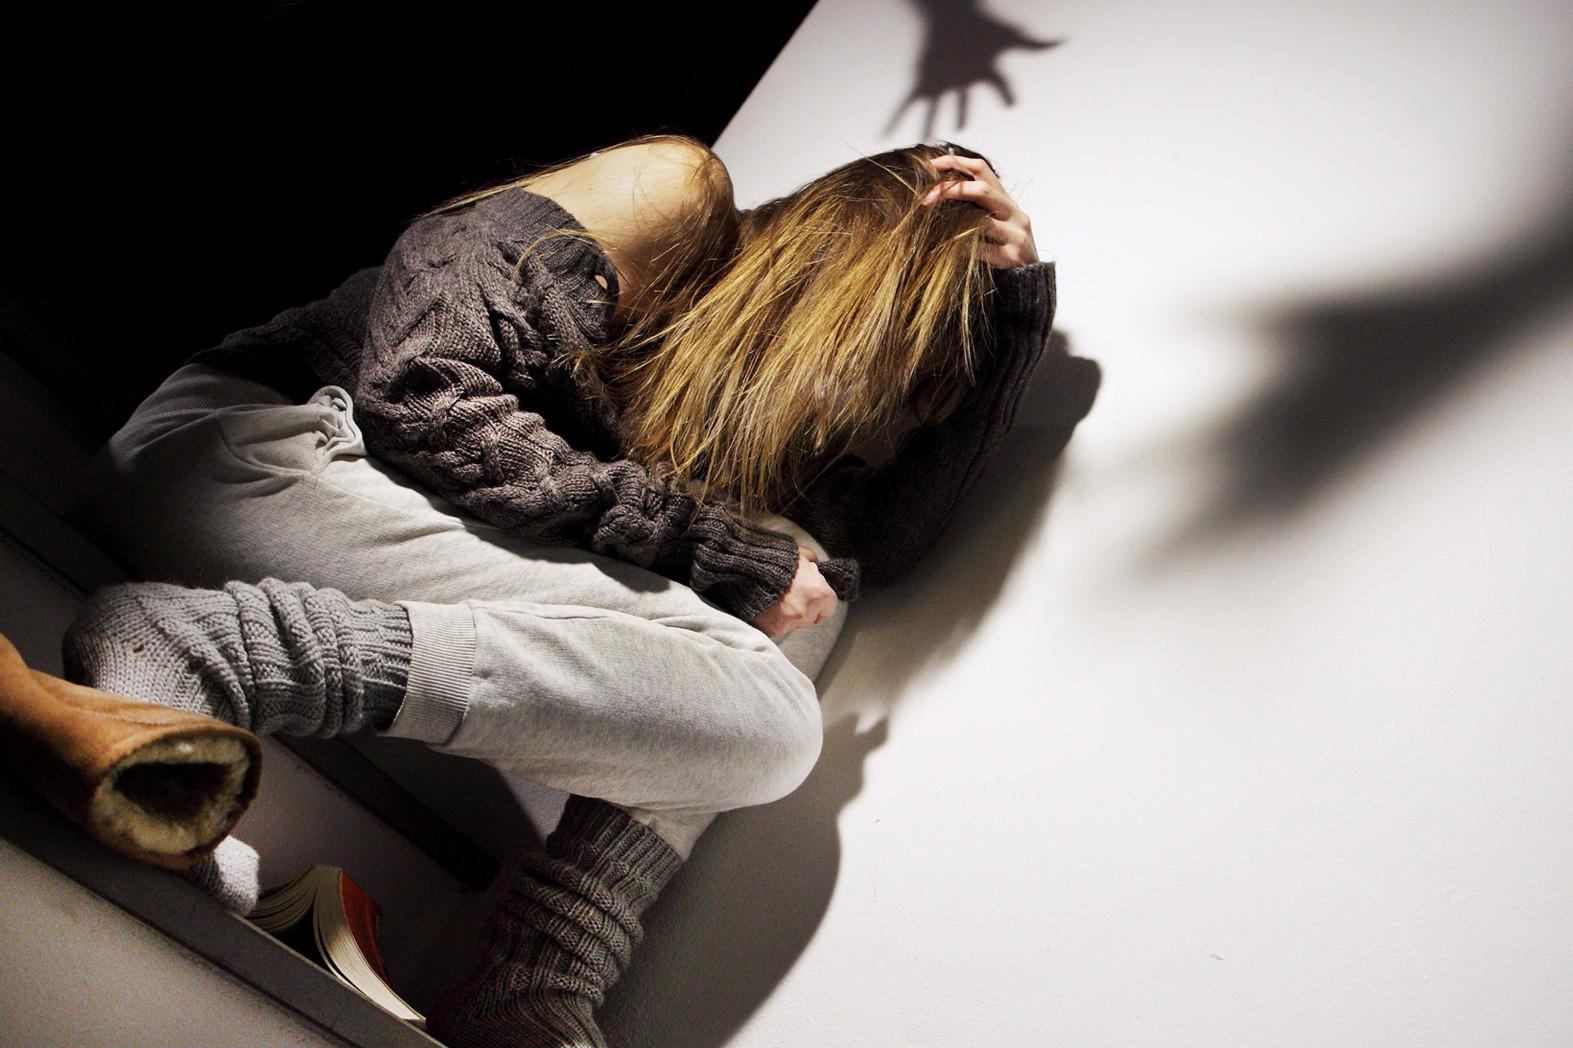 Medico si vendica della moglie violentandola e facendola prostituire: arrestato